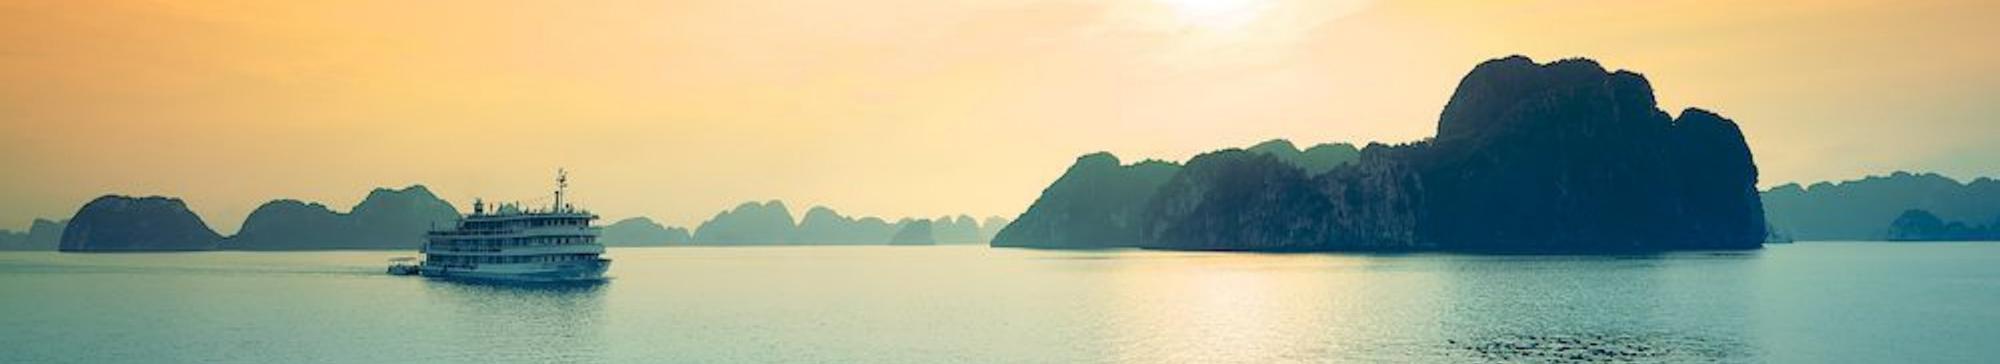 Жемчужина Вьетнама:<br>Ханой, Халонг, Далат, Нячанг, Ханой